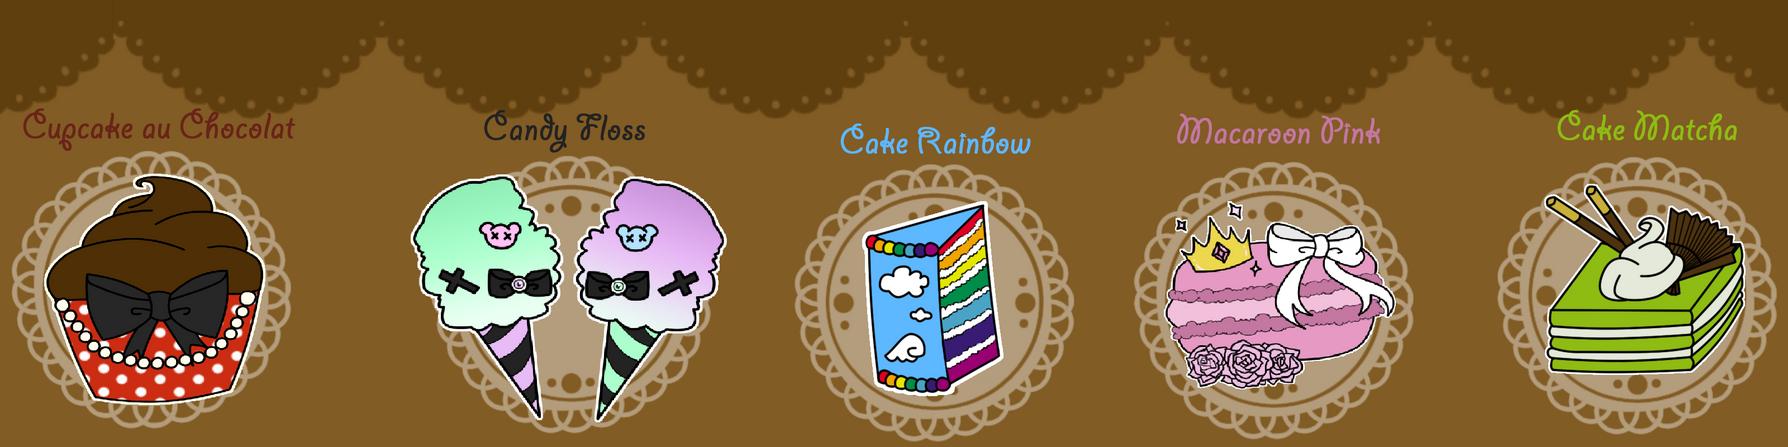 Rainbow Cake Peut Inserer Mousse Au Chocolat